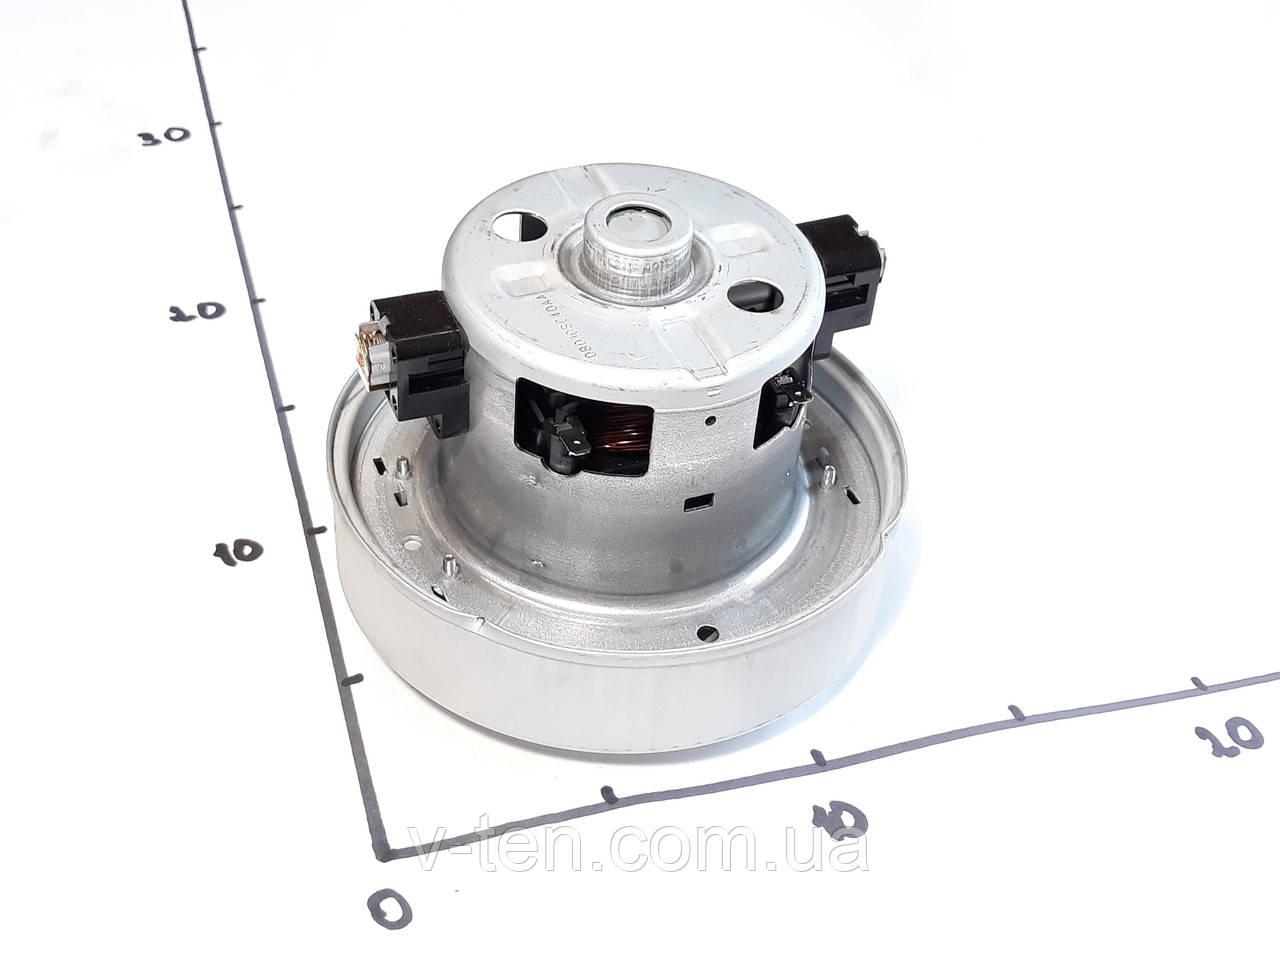 Электродвигатель для пылесоса 1550W (К50АВ)